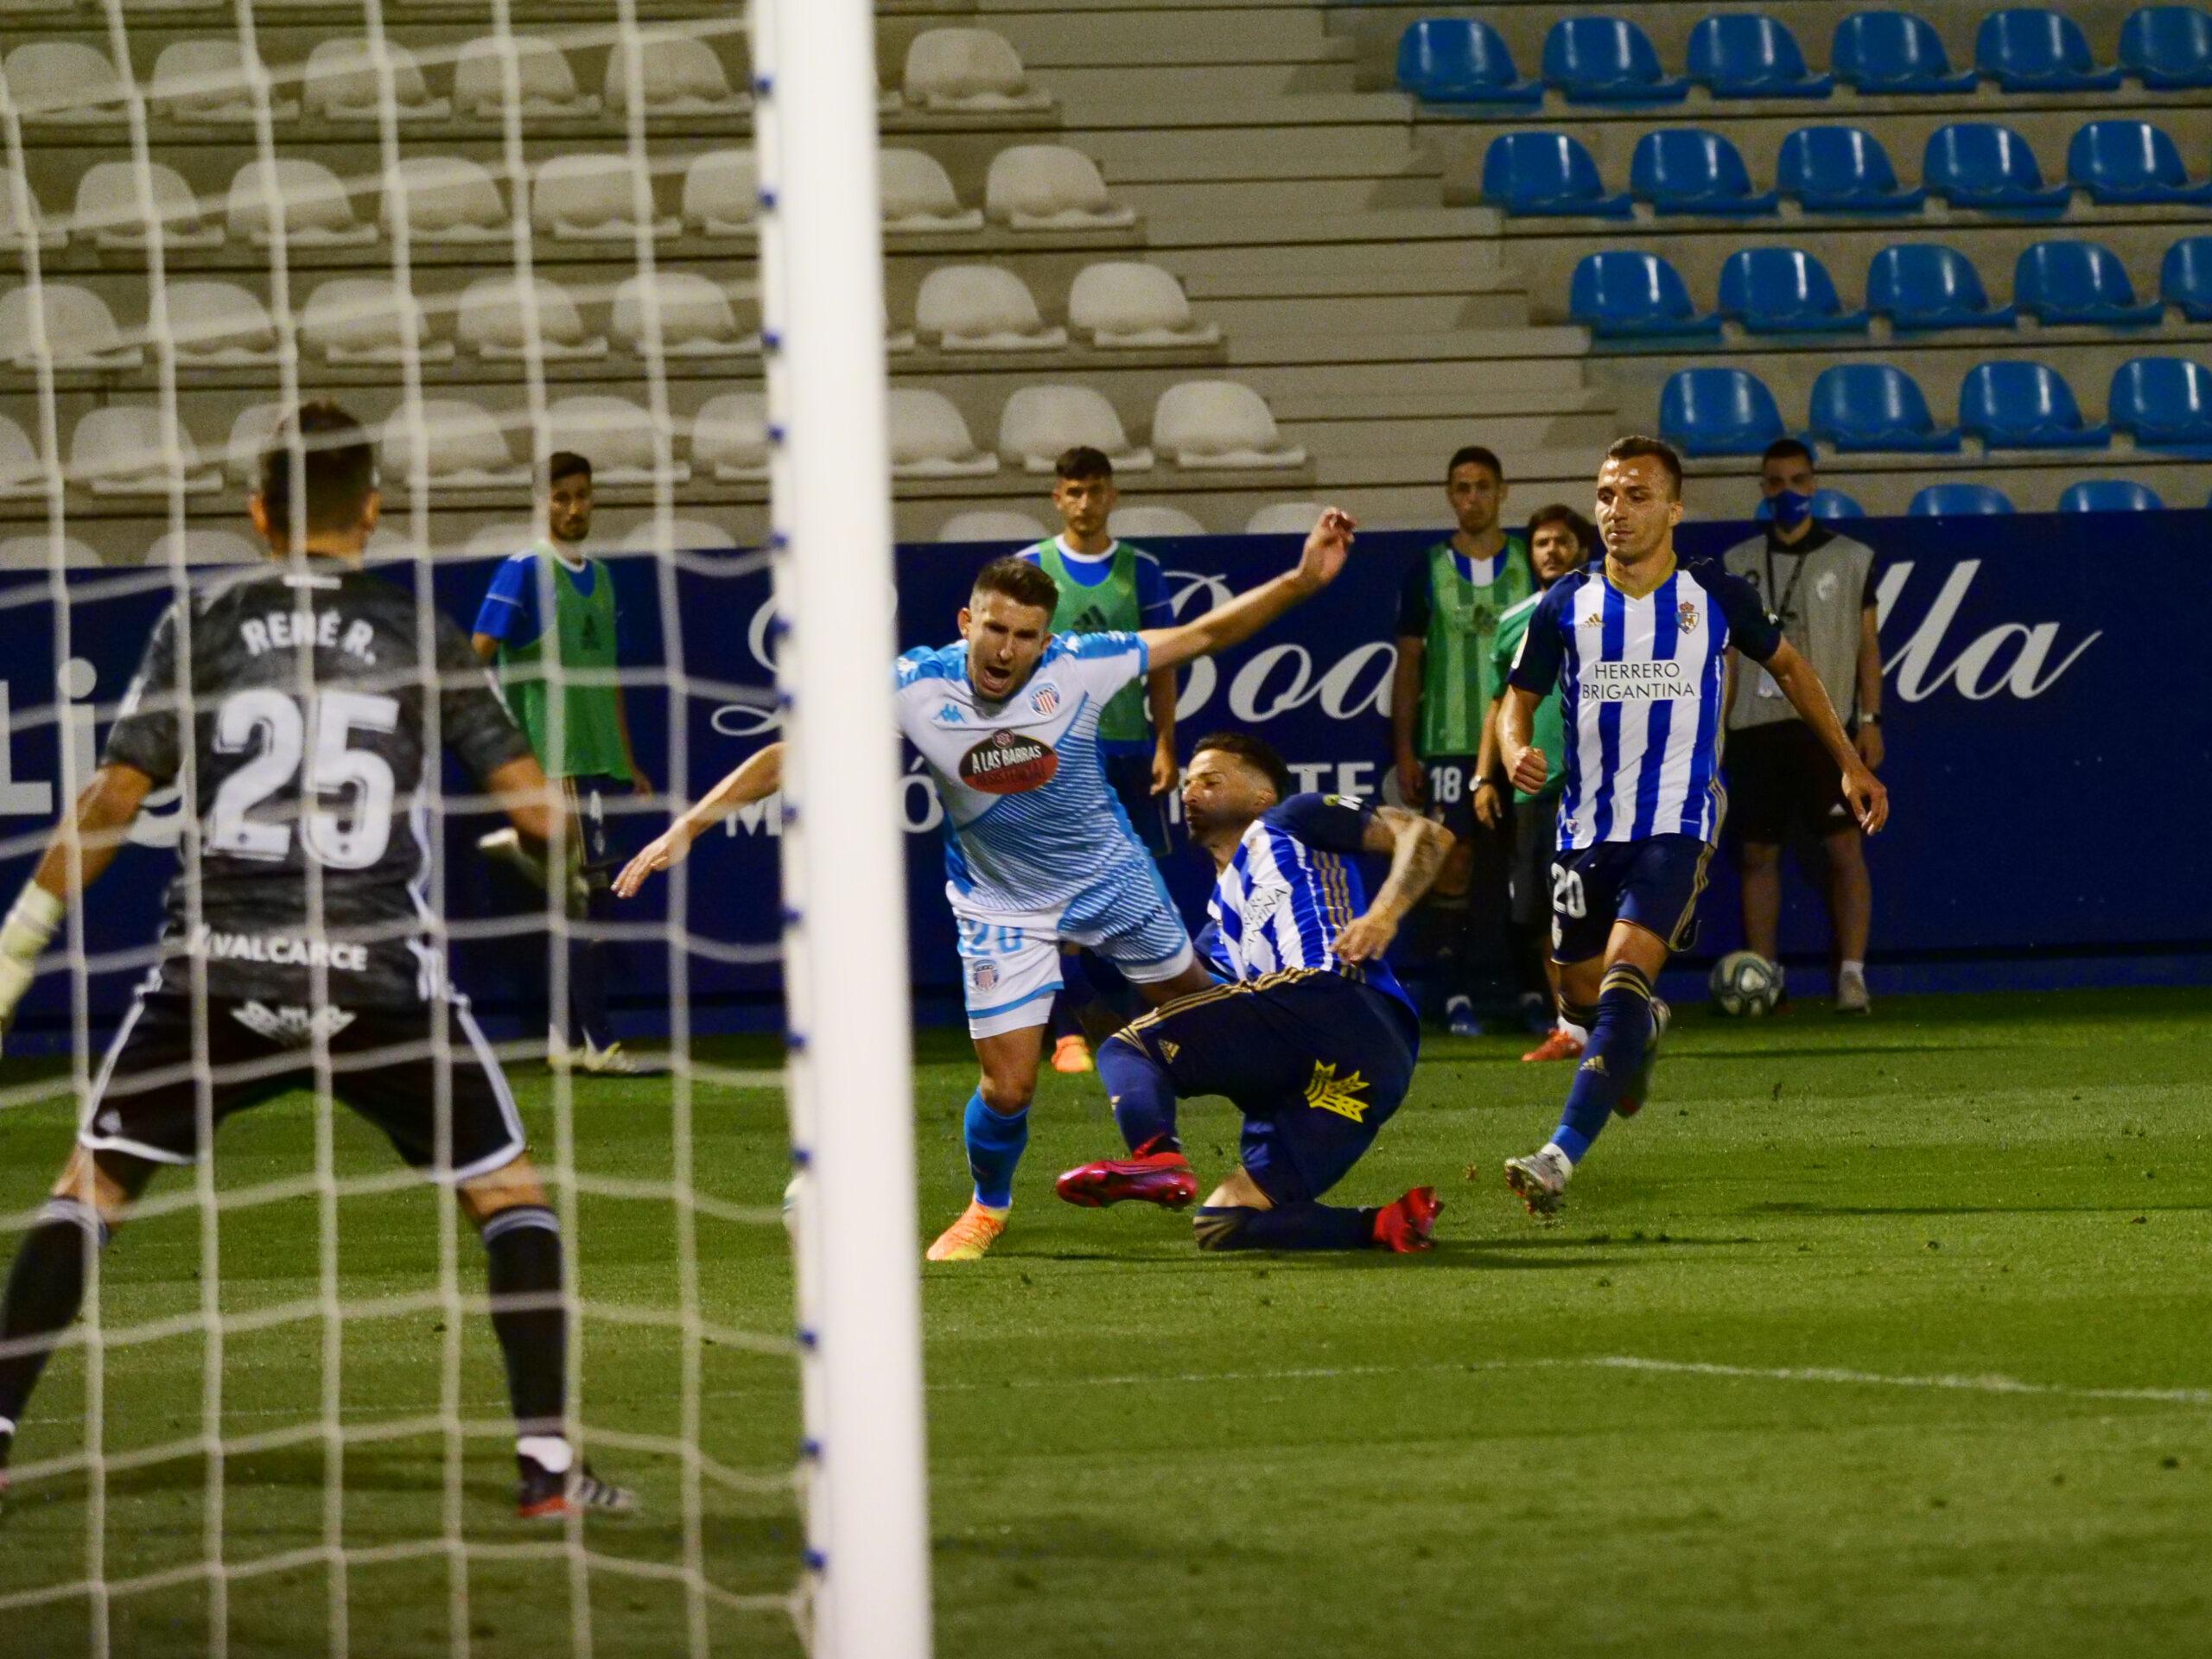 SD Ponferradina - CD Lugo. Las fotos del partido 35